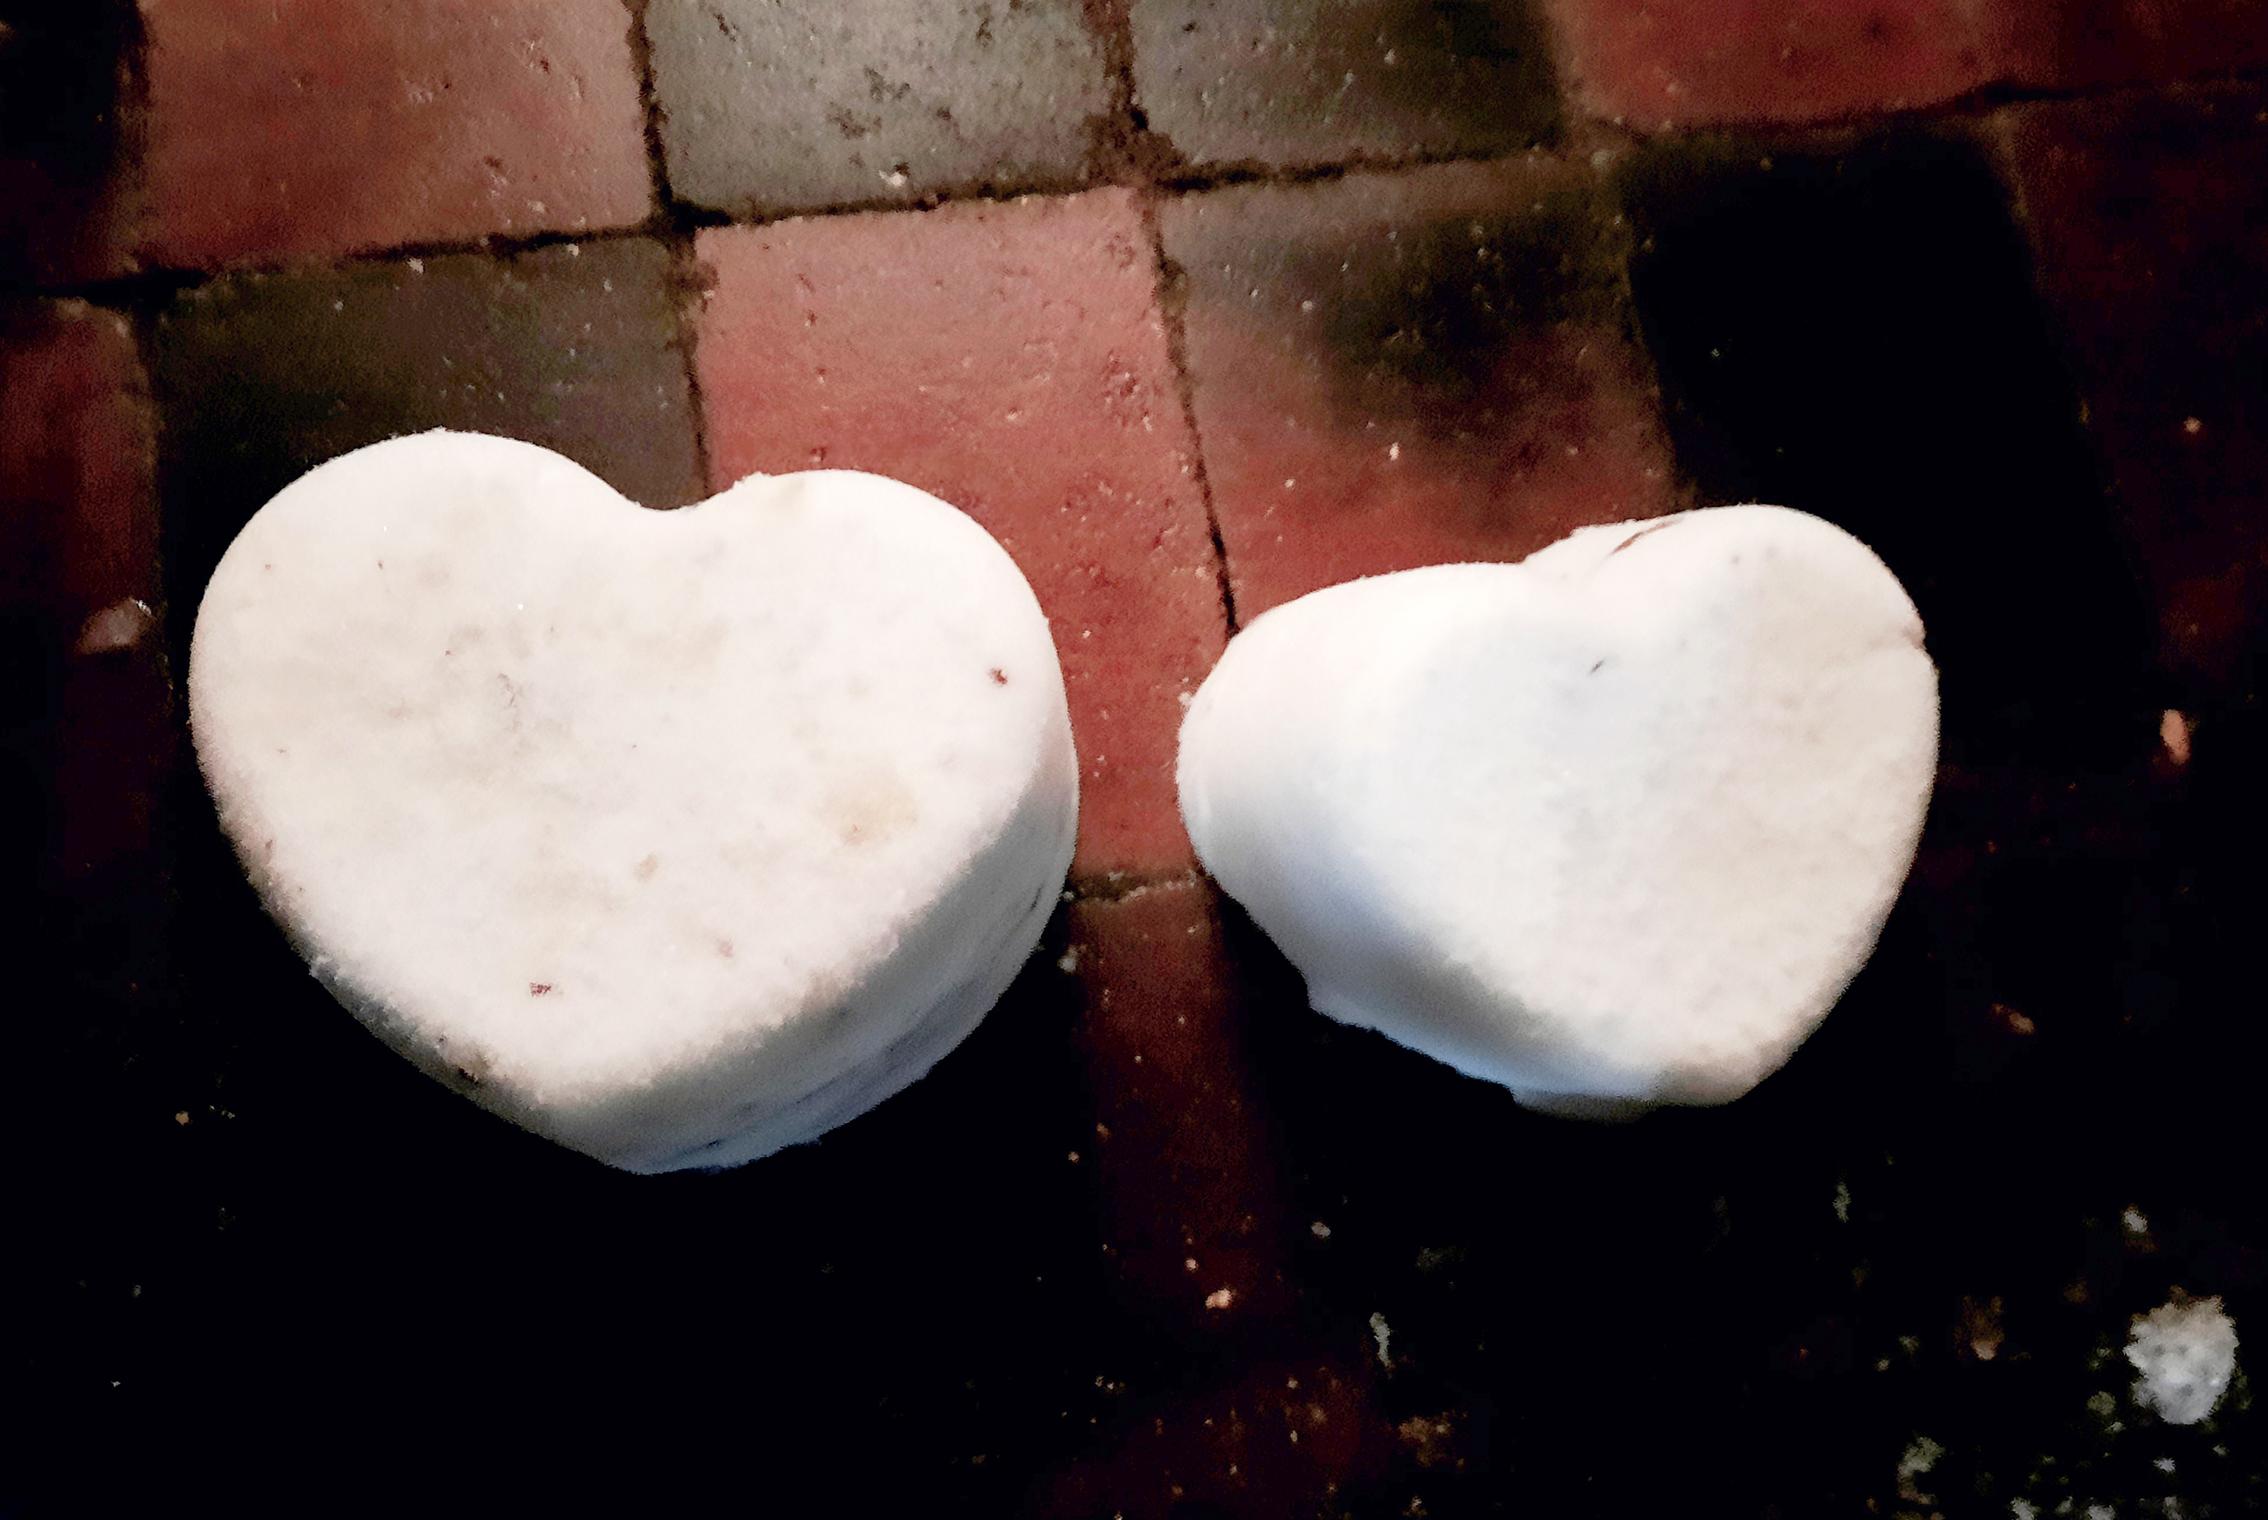 Twee hartjes behorend bij gedicht Trui. Gaat over liefde, Valentijn. Je hoort bij elkaar